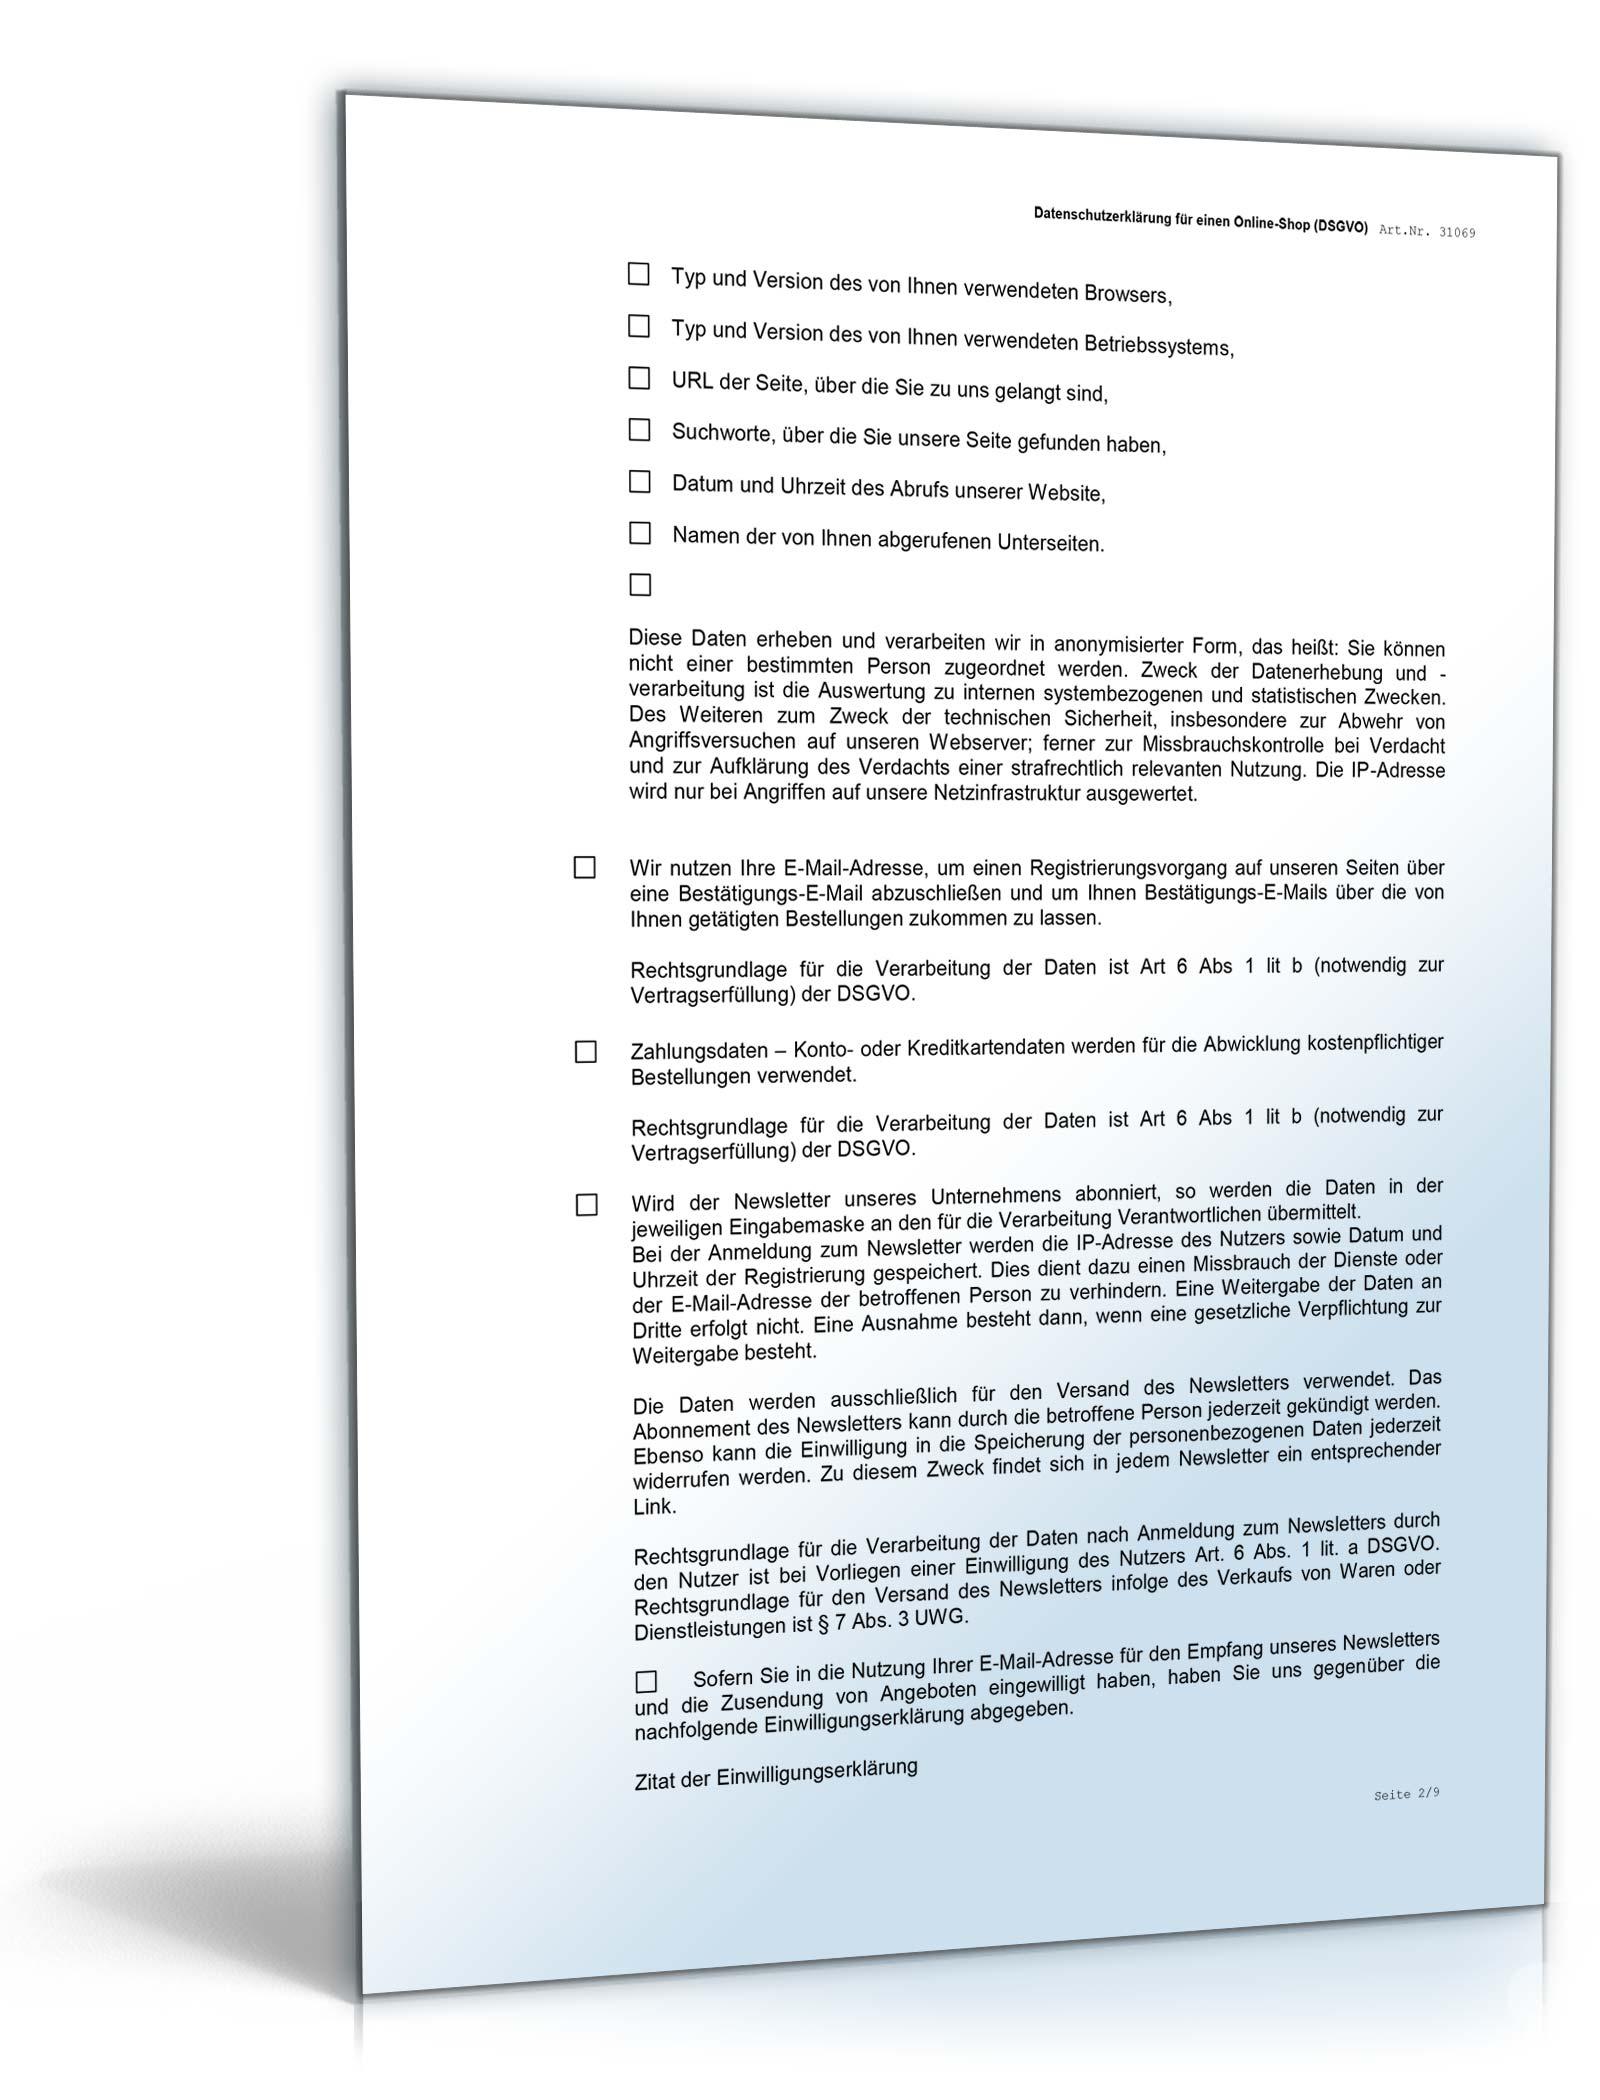 datenschutzerklrung online shop dsgvo - Datenschutzerklarung Muster